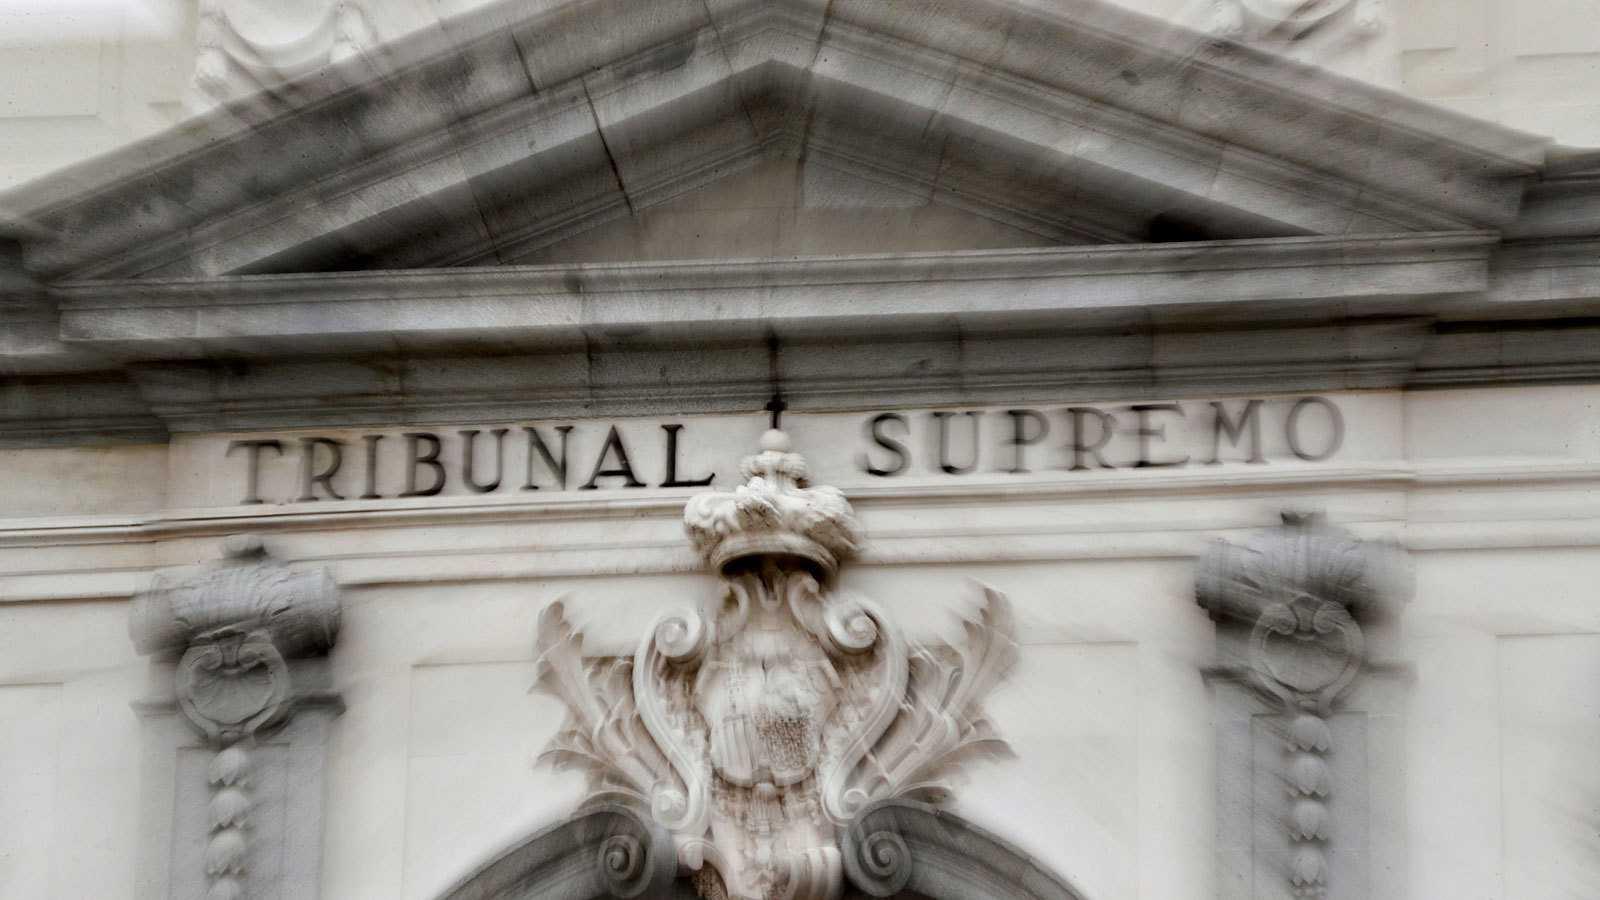 Las cláusulas suelo se pueden reclamar aunque la hipoteca se haya cancelado, según el Supremo